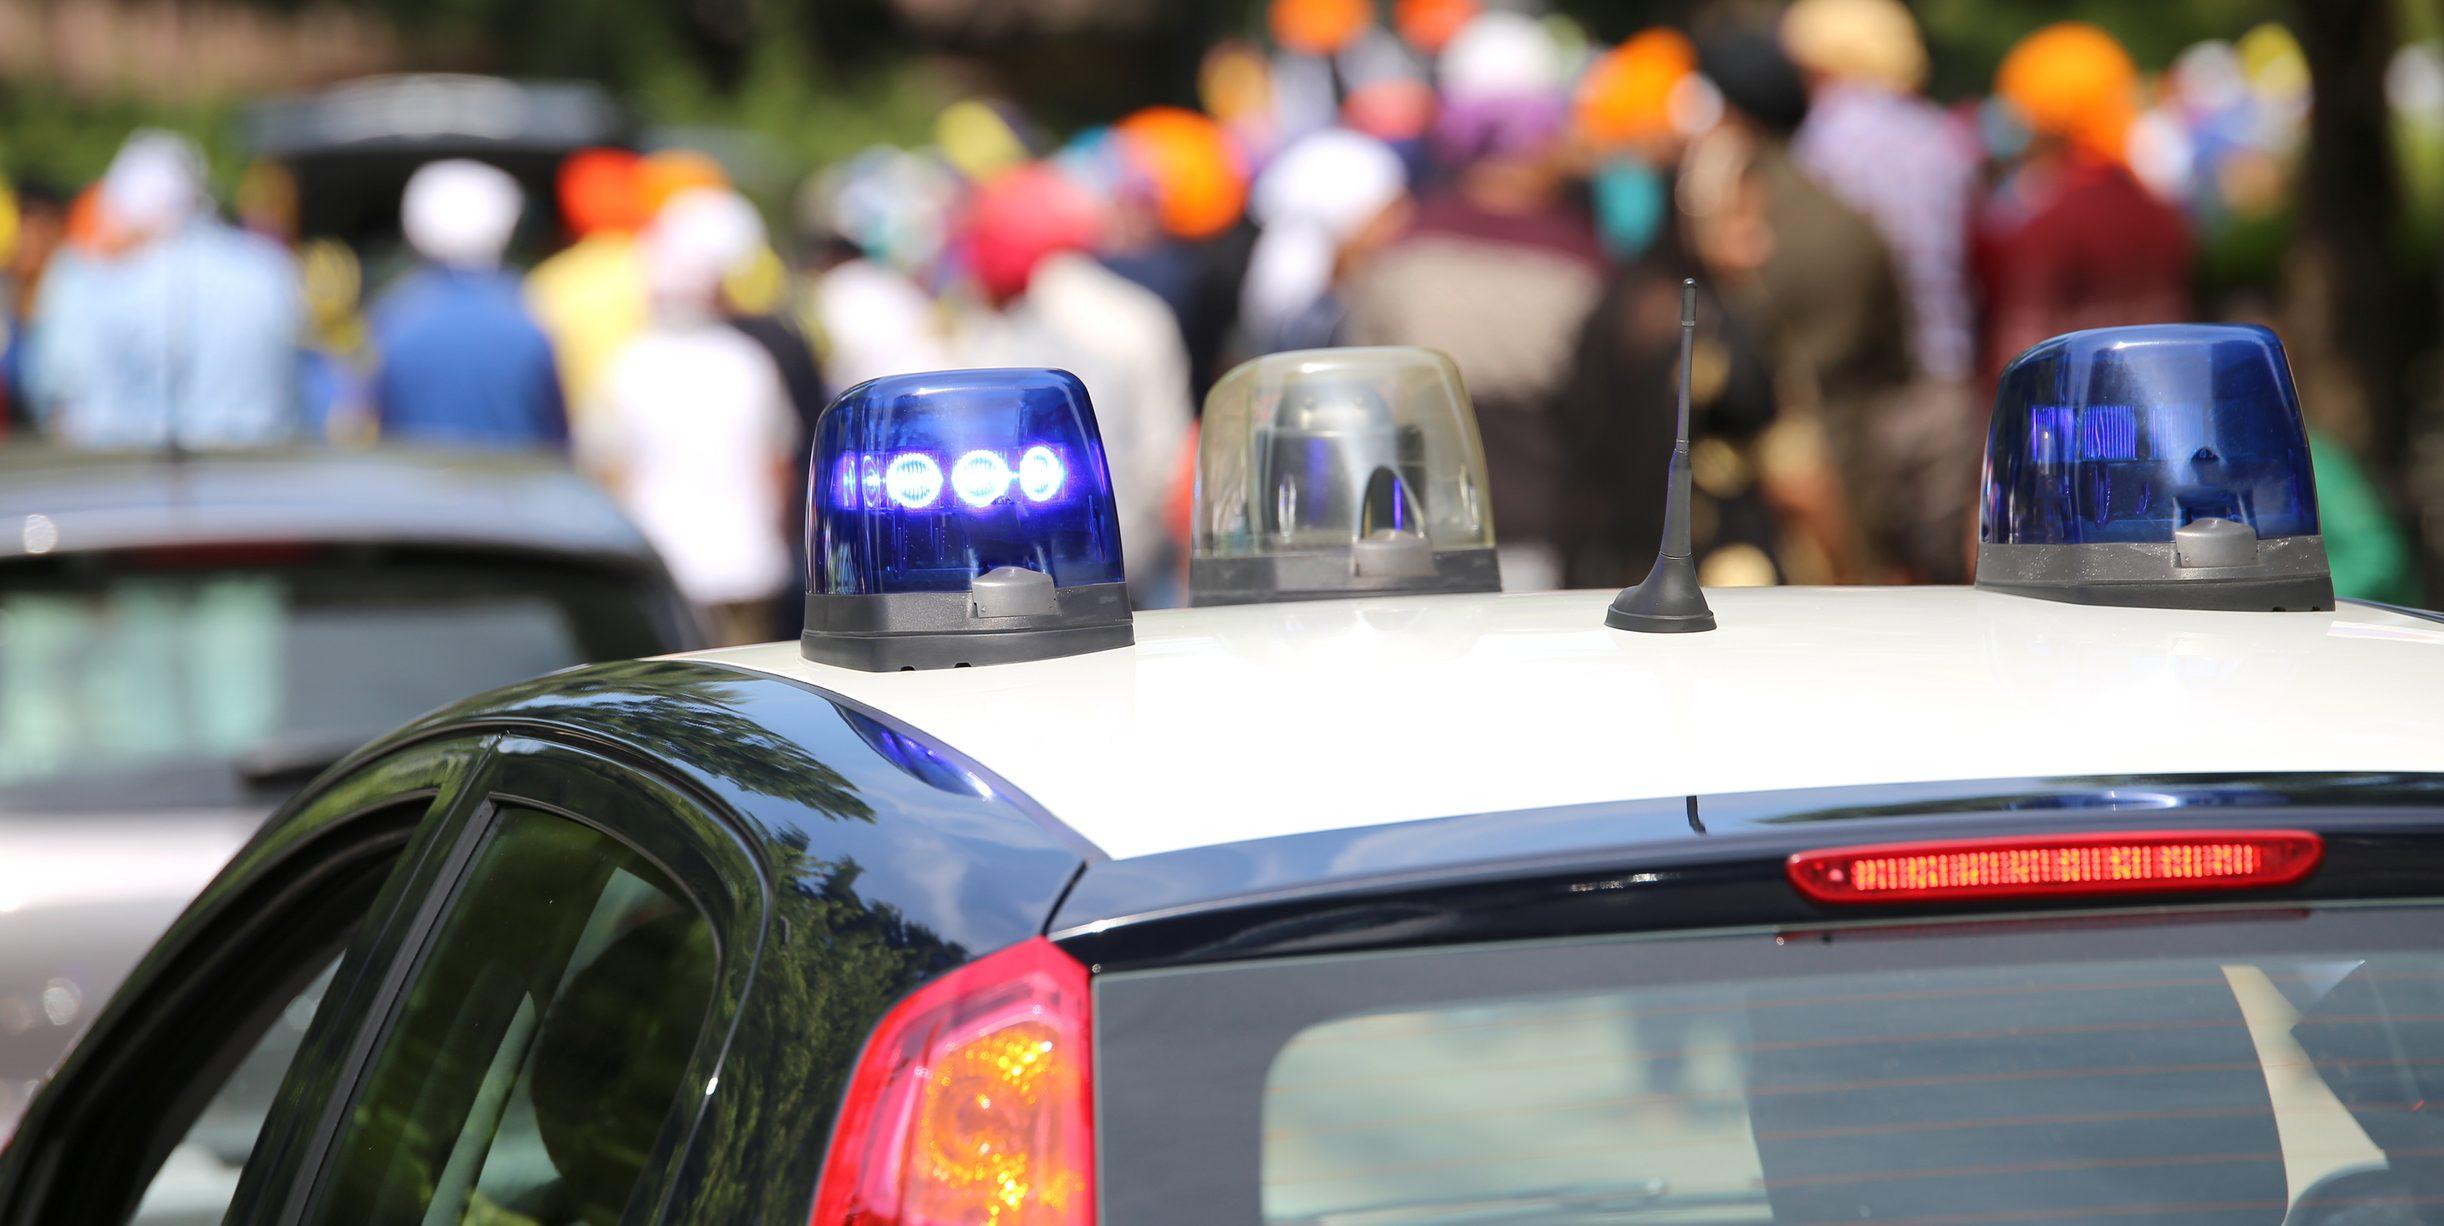 carabinieri-arresto-mafia-condorelli